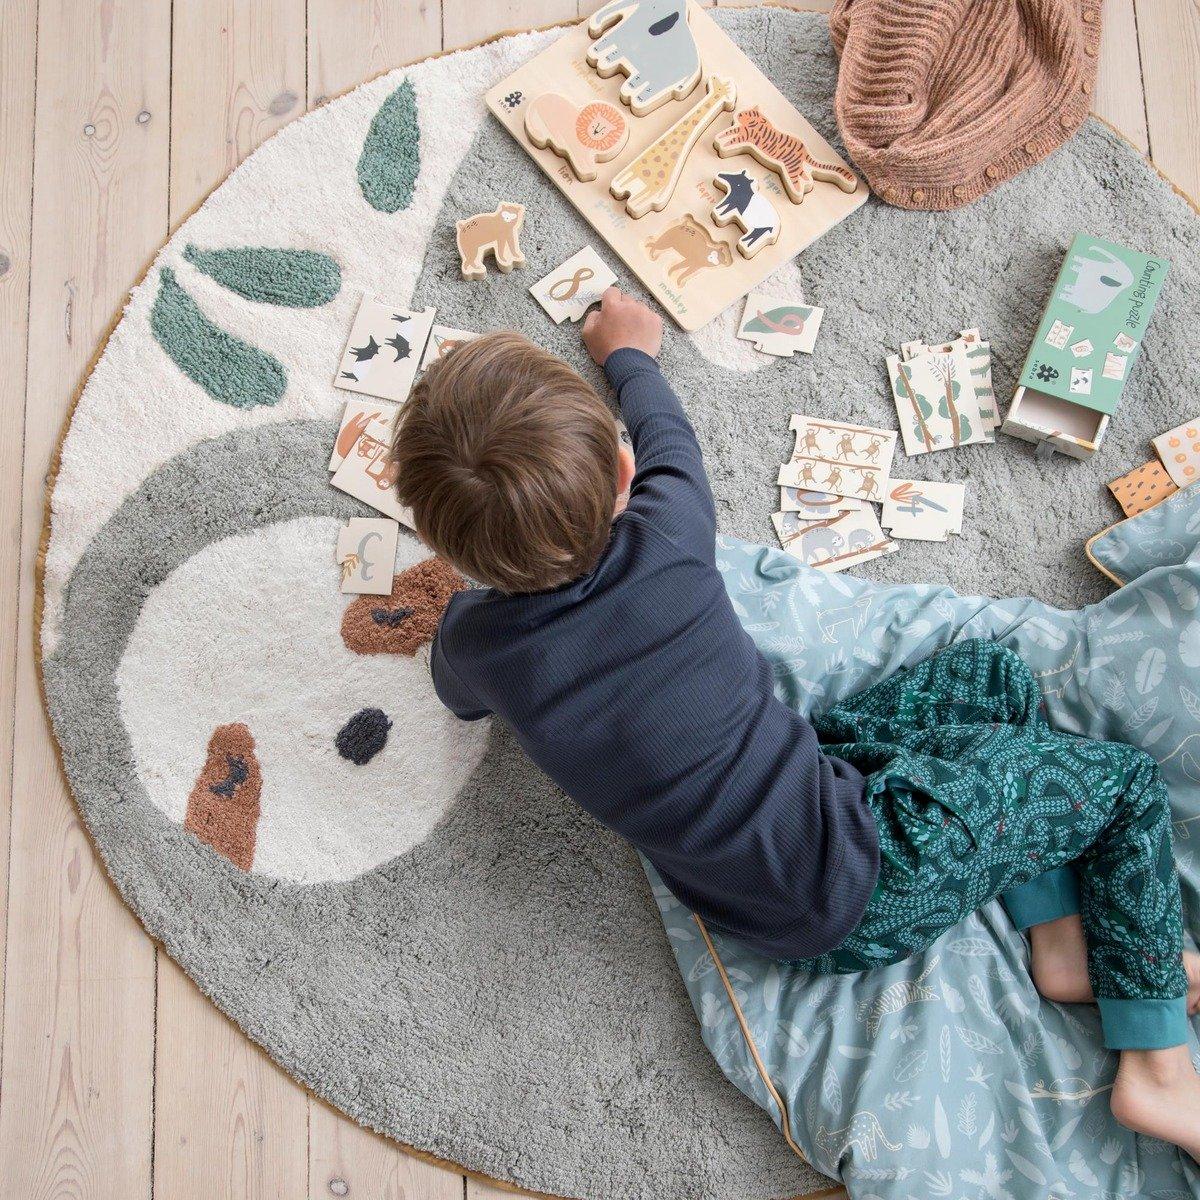 Full Size of Runder Teppich Kinderzimmer Sebra Lacey Das Faultieraus Aus Baumwolle Kidswoodlove Küche Esstisch Steinteppich Bad Ausziehbar Sofa Schlafzimmer Regal Für Kinderzimmer Runder Teppich Kinderzimmer